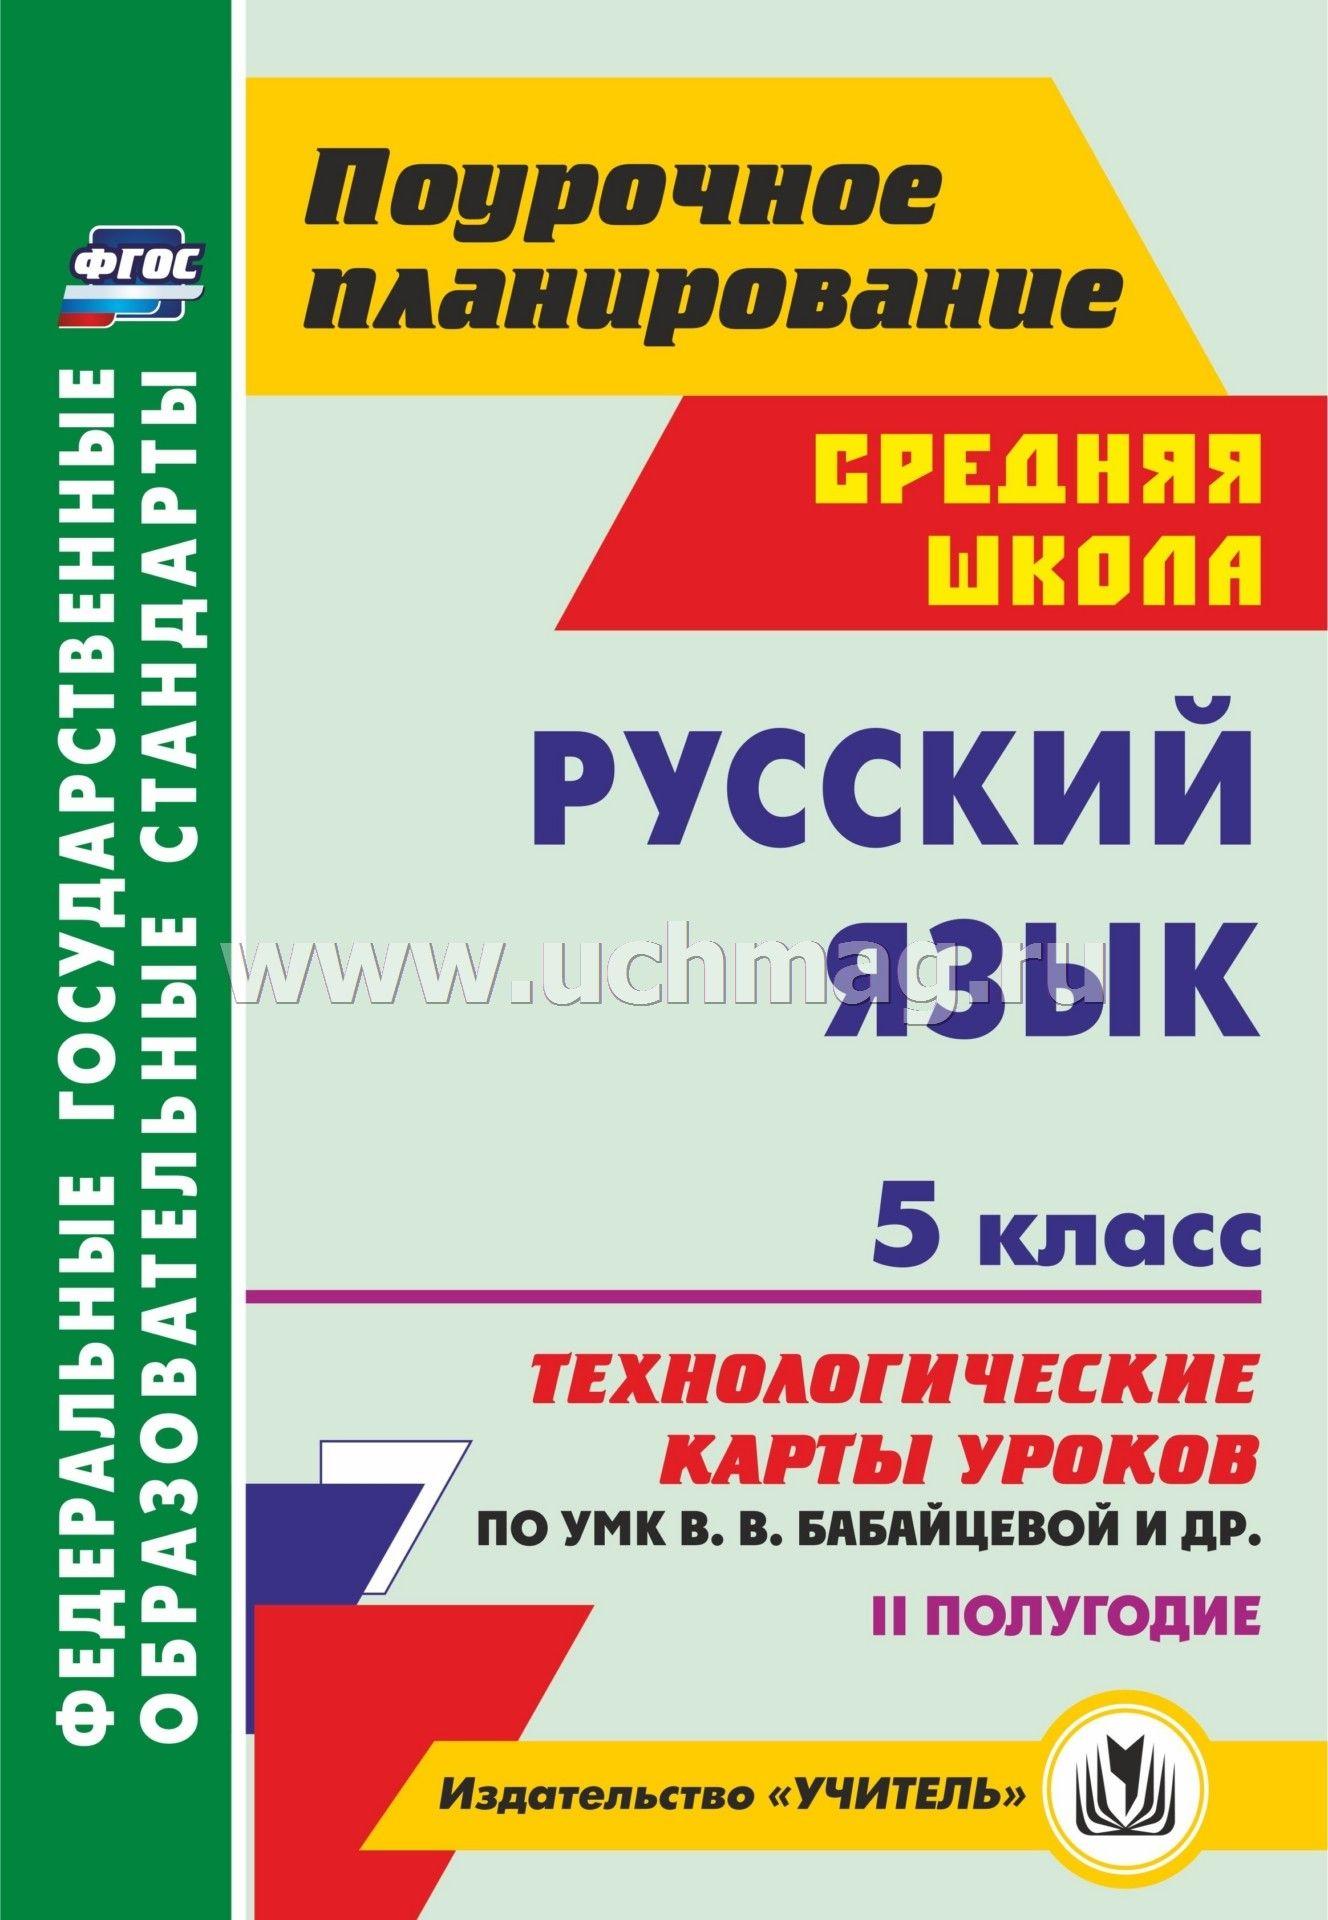 заявление на титул юный чемпион россии